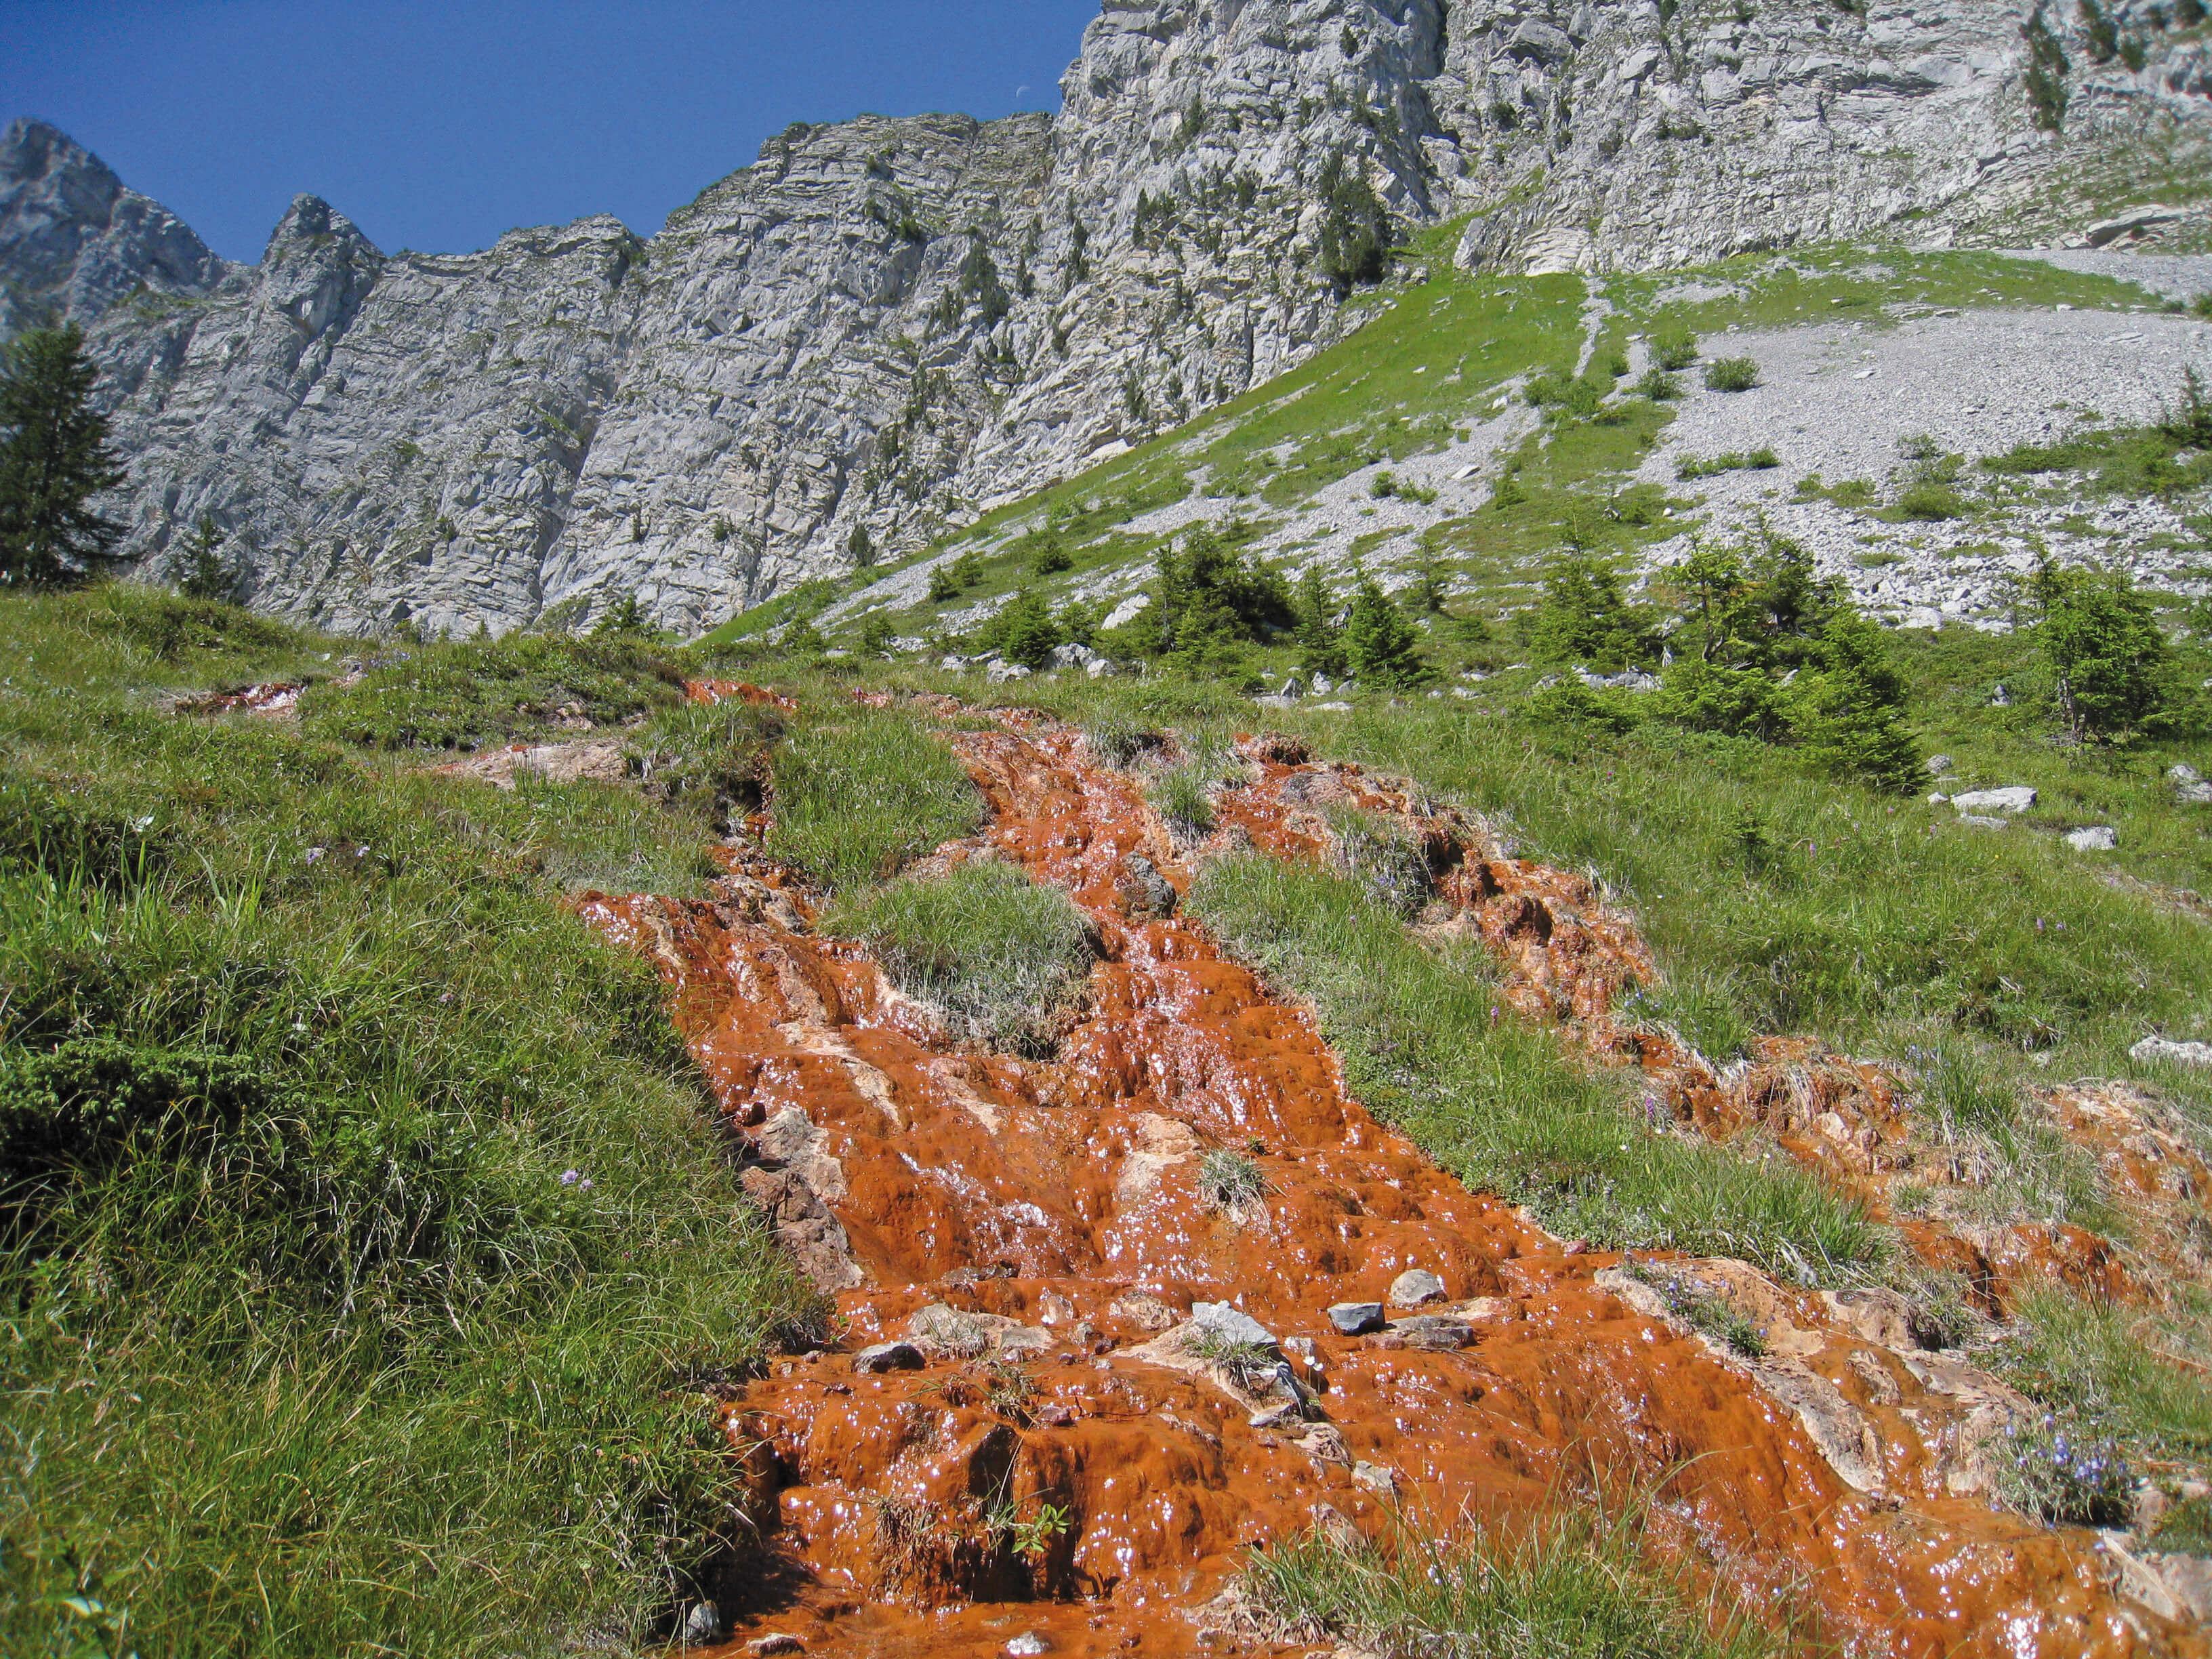 Wanderung zur Roten Quelle des Grimmiwassers